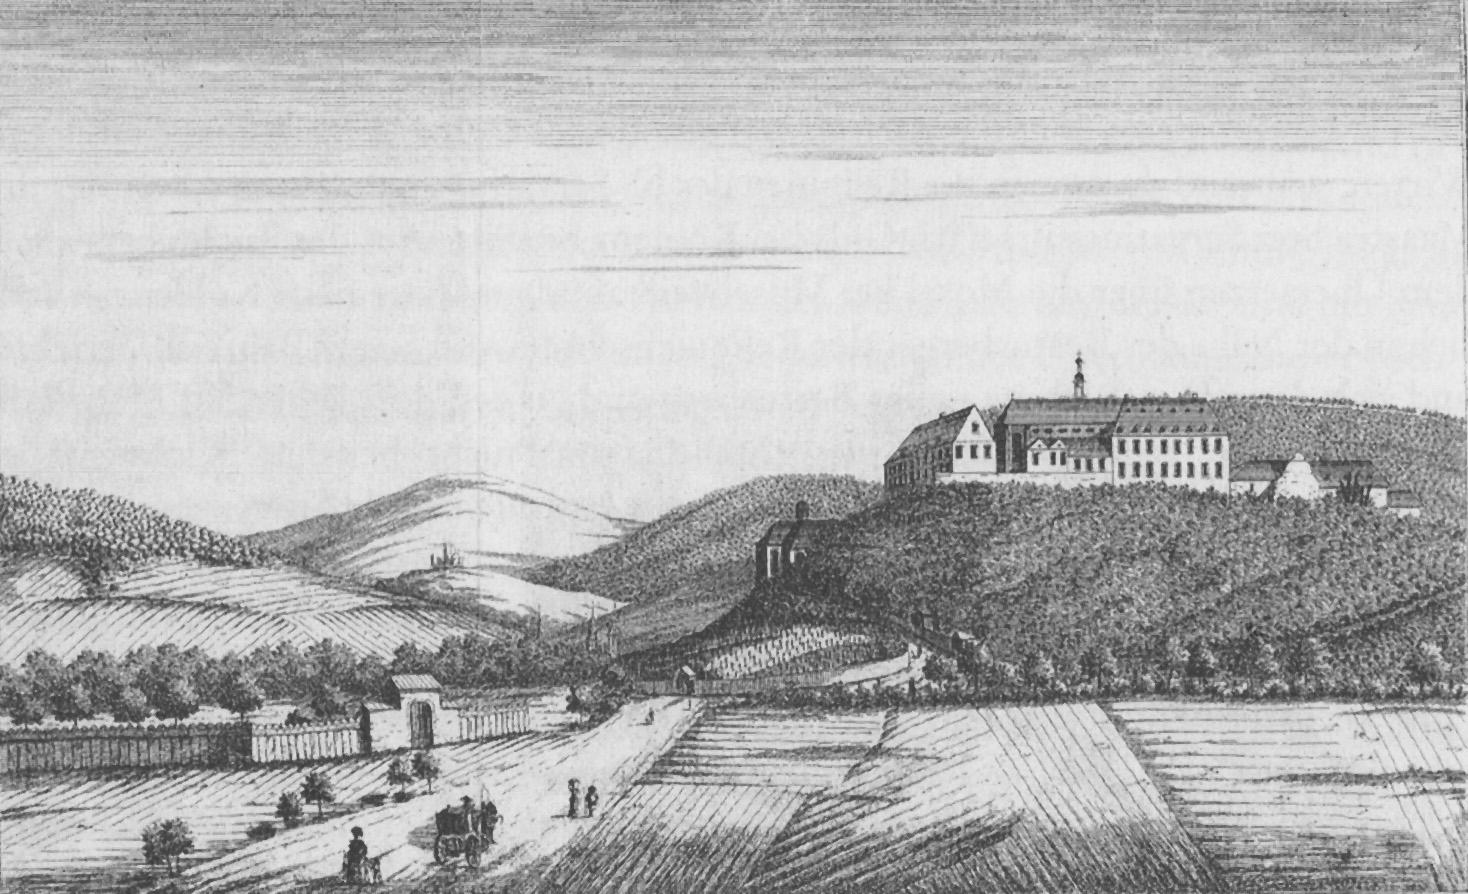 Karthäuser Kloster in Koblenz, Abb. aus Joseph Gregor Lang: Reise auf dem Rhein, 1789